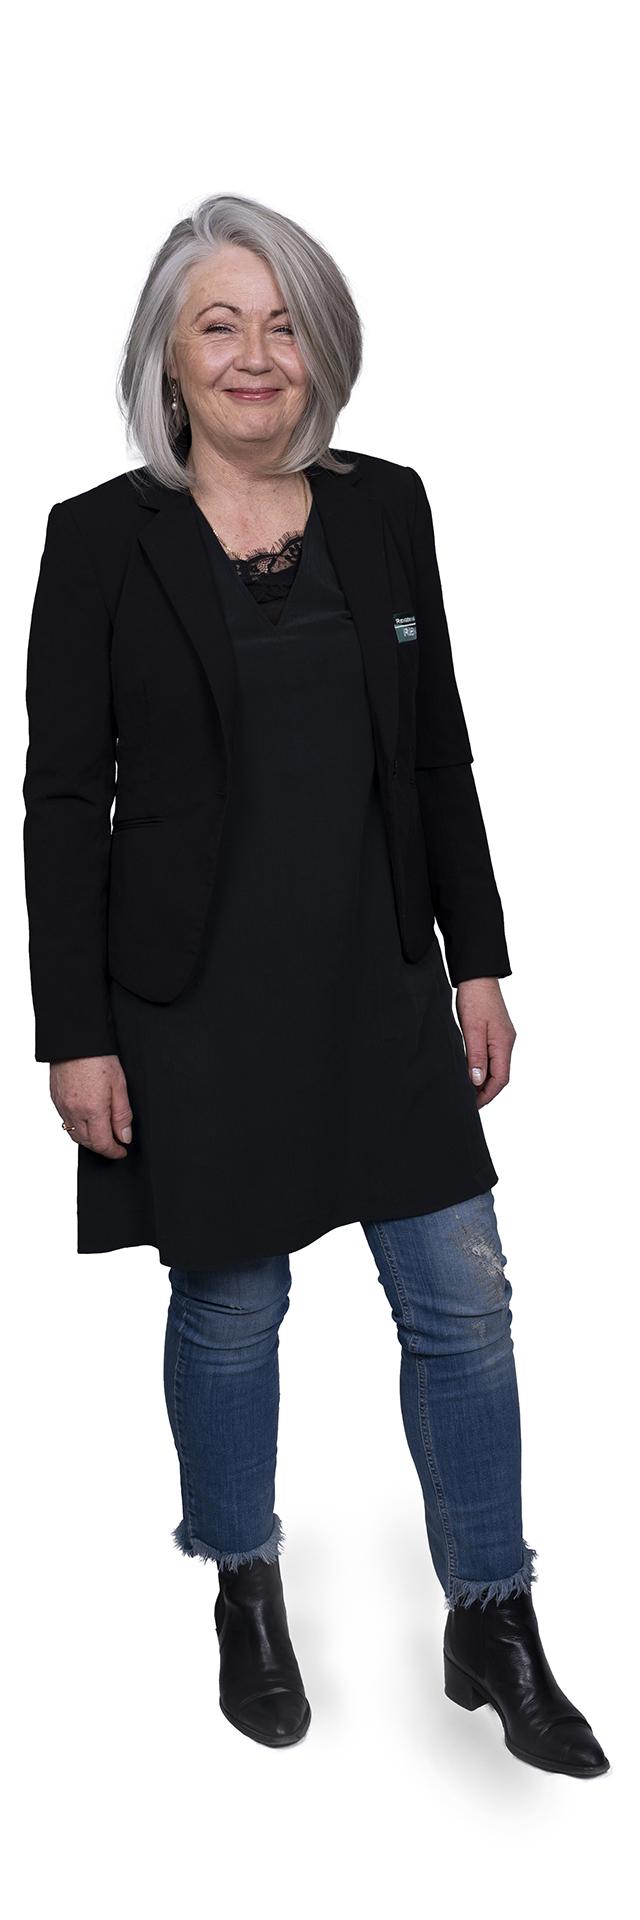 Renas Hel Figur 2021 1453